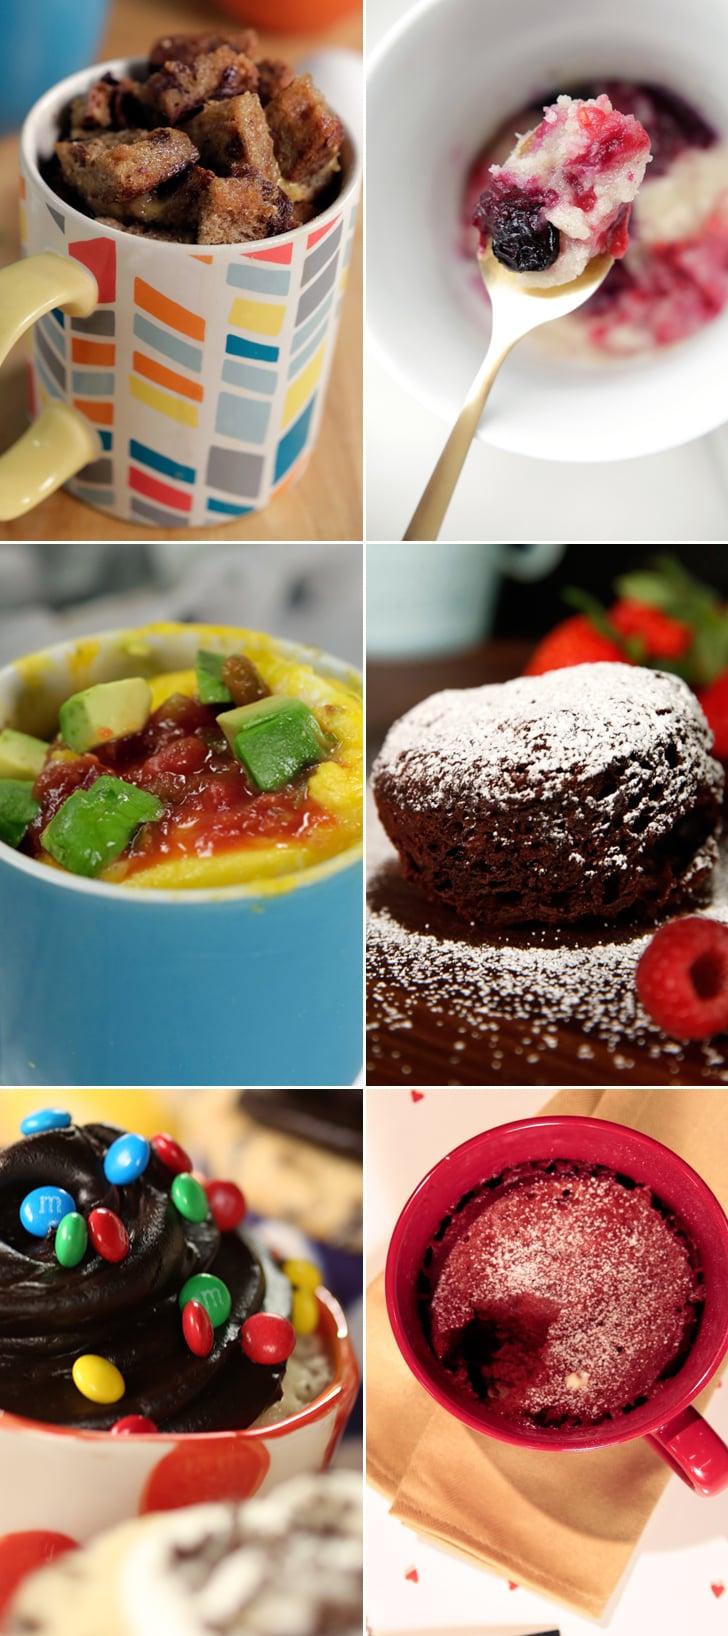 Easy Mug Breakfast and Dessert Recipes | POPSUGAR Food